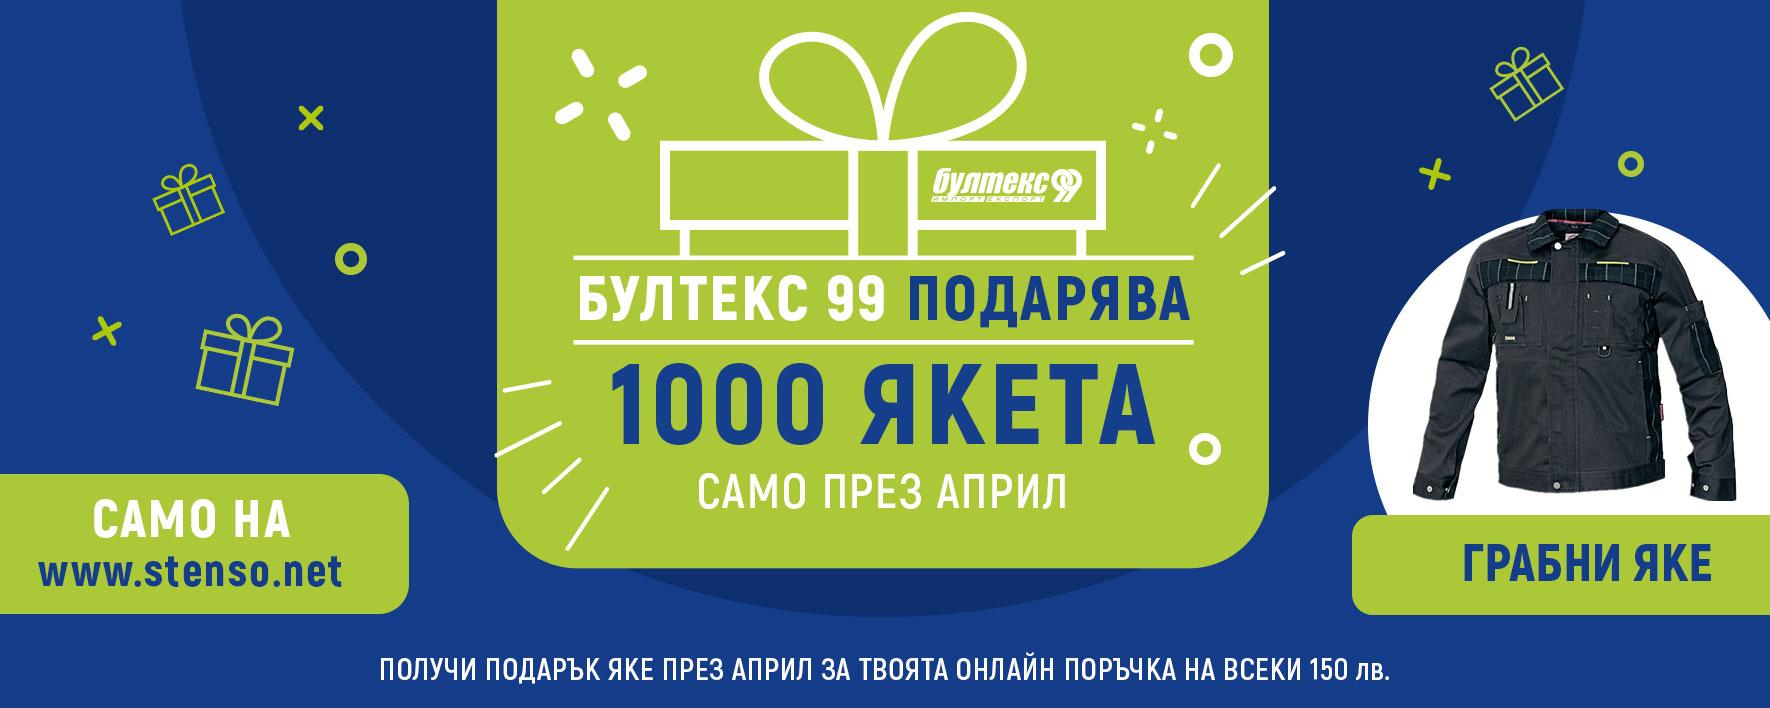 Stenso_1000-qketa_slider_BG_1770x708.jpg